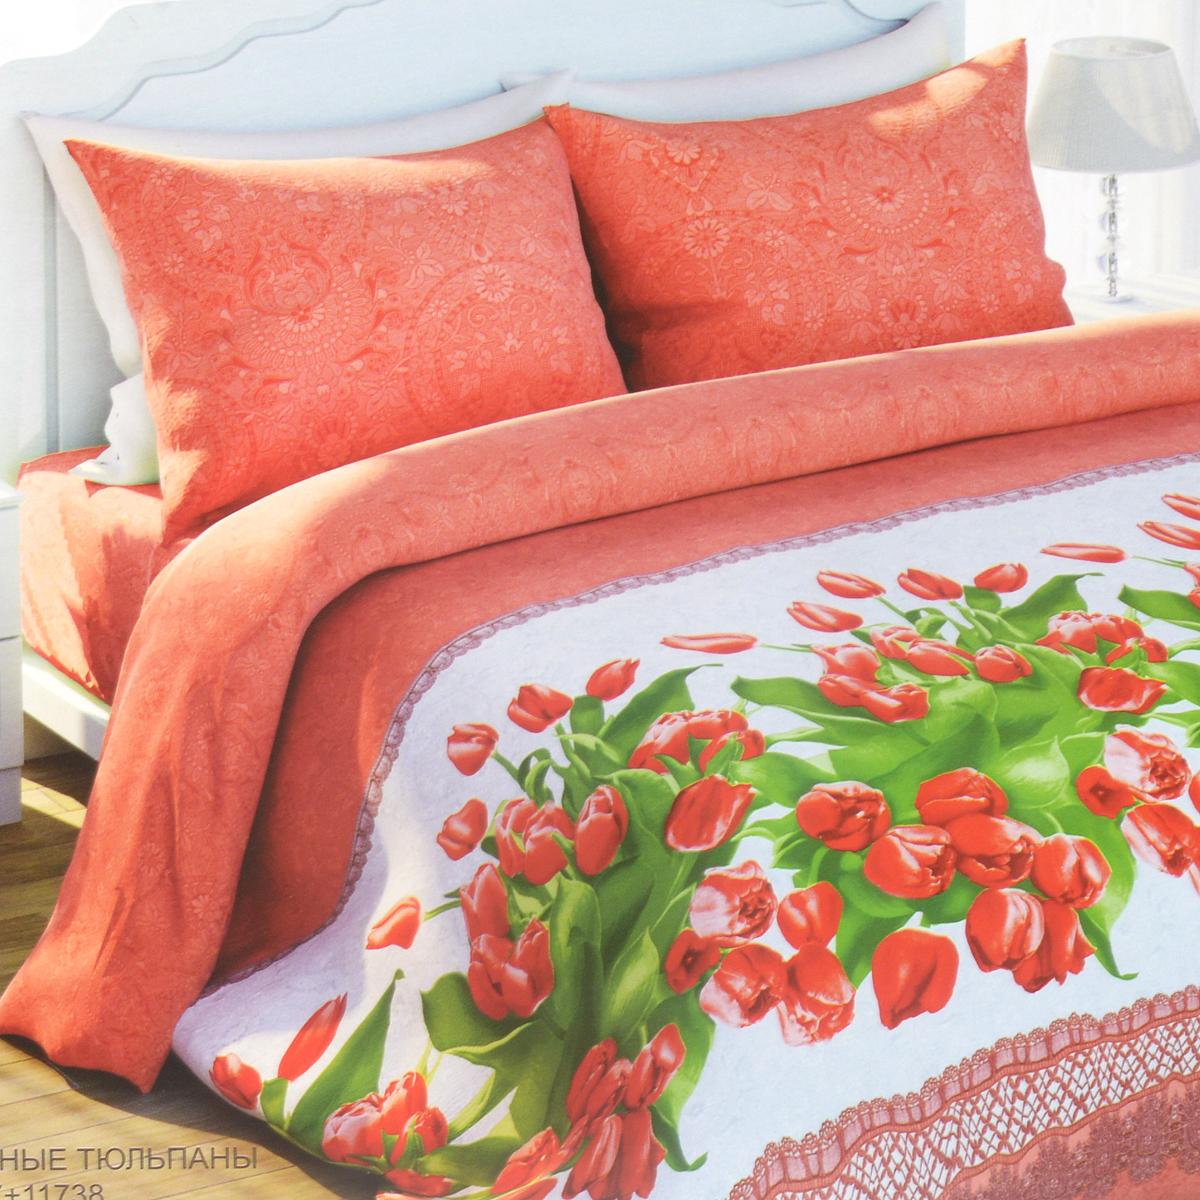 Комплект белья Любимый дом Красные тюльпаны, 1,5-спальный, наволочки 70х70279520Комплект постельного белья Любимый дом Красные тюльпаны состоит из пододеяльника, простыни и двух наволочек. Дизайн - яркие сочные тюльпаны в сочетании с оригинальным орнаментом. Белье изготовлено из новой ткани Биокомфорт, отвечающей всем необходимым нормативным стандартам. Биокомфорт - это ткань полотняного переплетения, из экологически чистого и натурального 100% хлопка. Неоспоримым плюсом белья из такой ткани является мягкость и легкость, она прекрасно пропускает воздух, приятна на ощупь, не образует катышков на поверхности и за ней легко ухаживать. При соблюдении рекомендаций по уходу, это белье выдерживает много стирок, не линяет и не теряет свою первоначальную прочность. Уникальная ткань обеспечивает легкую глажку.